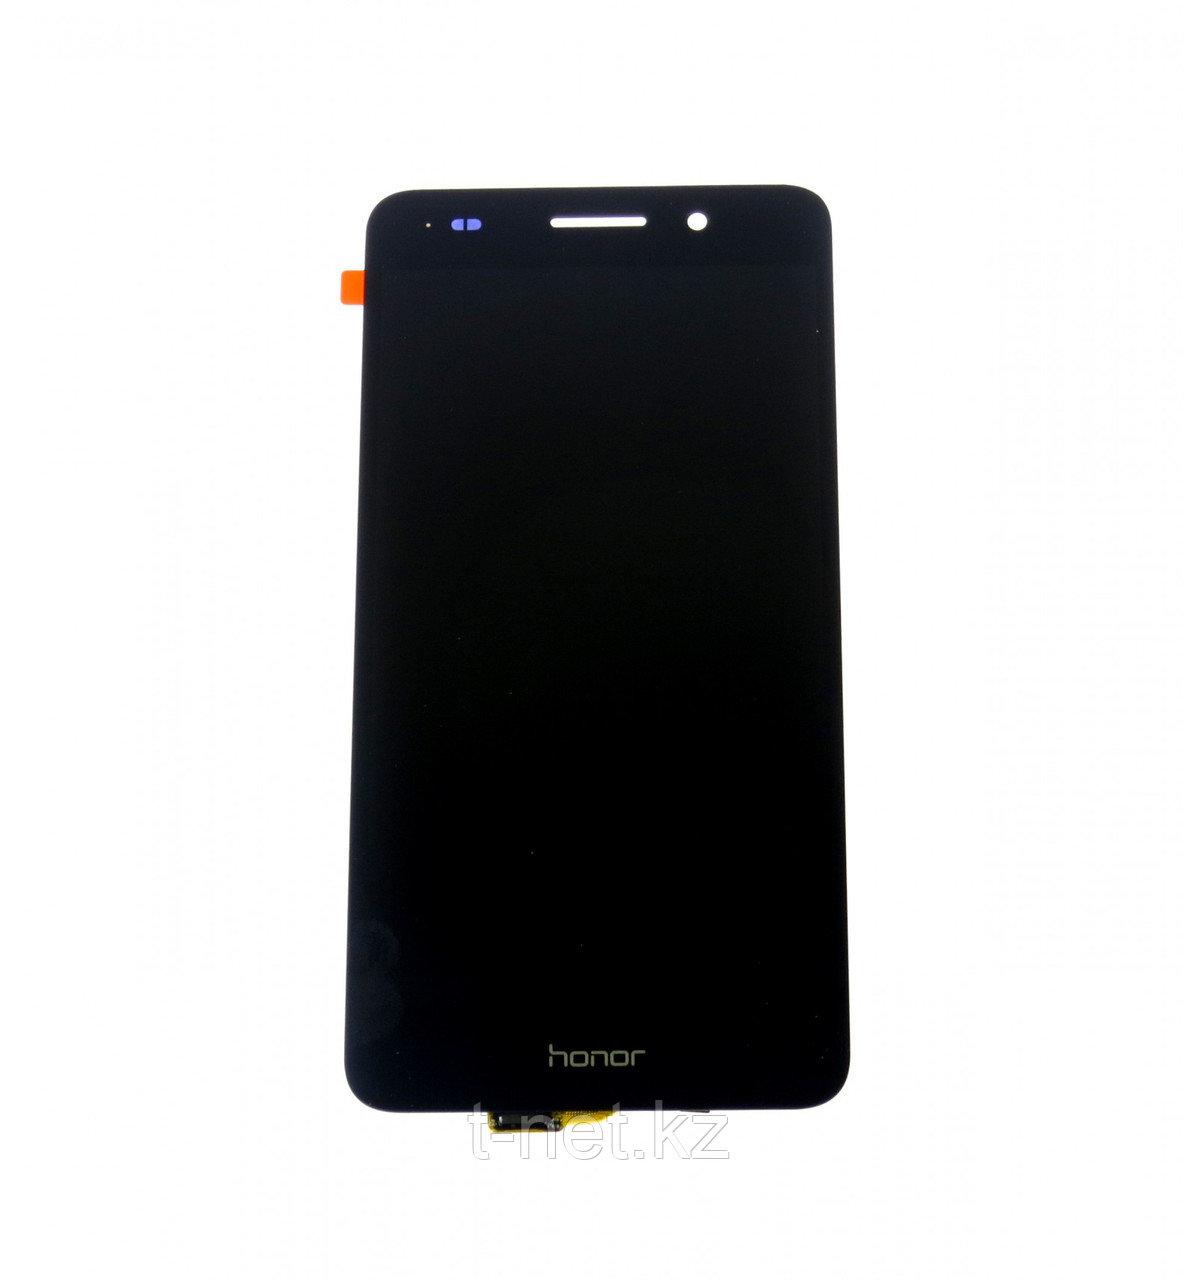 Дисплей Huawei Y6II CAM-L23/CAM-L03/CAM-L21, с сенсором, цвет черный